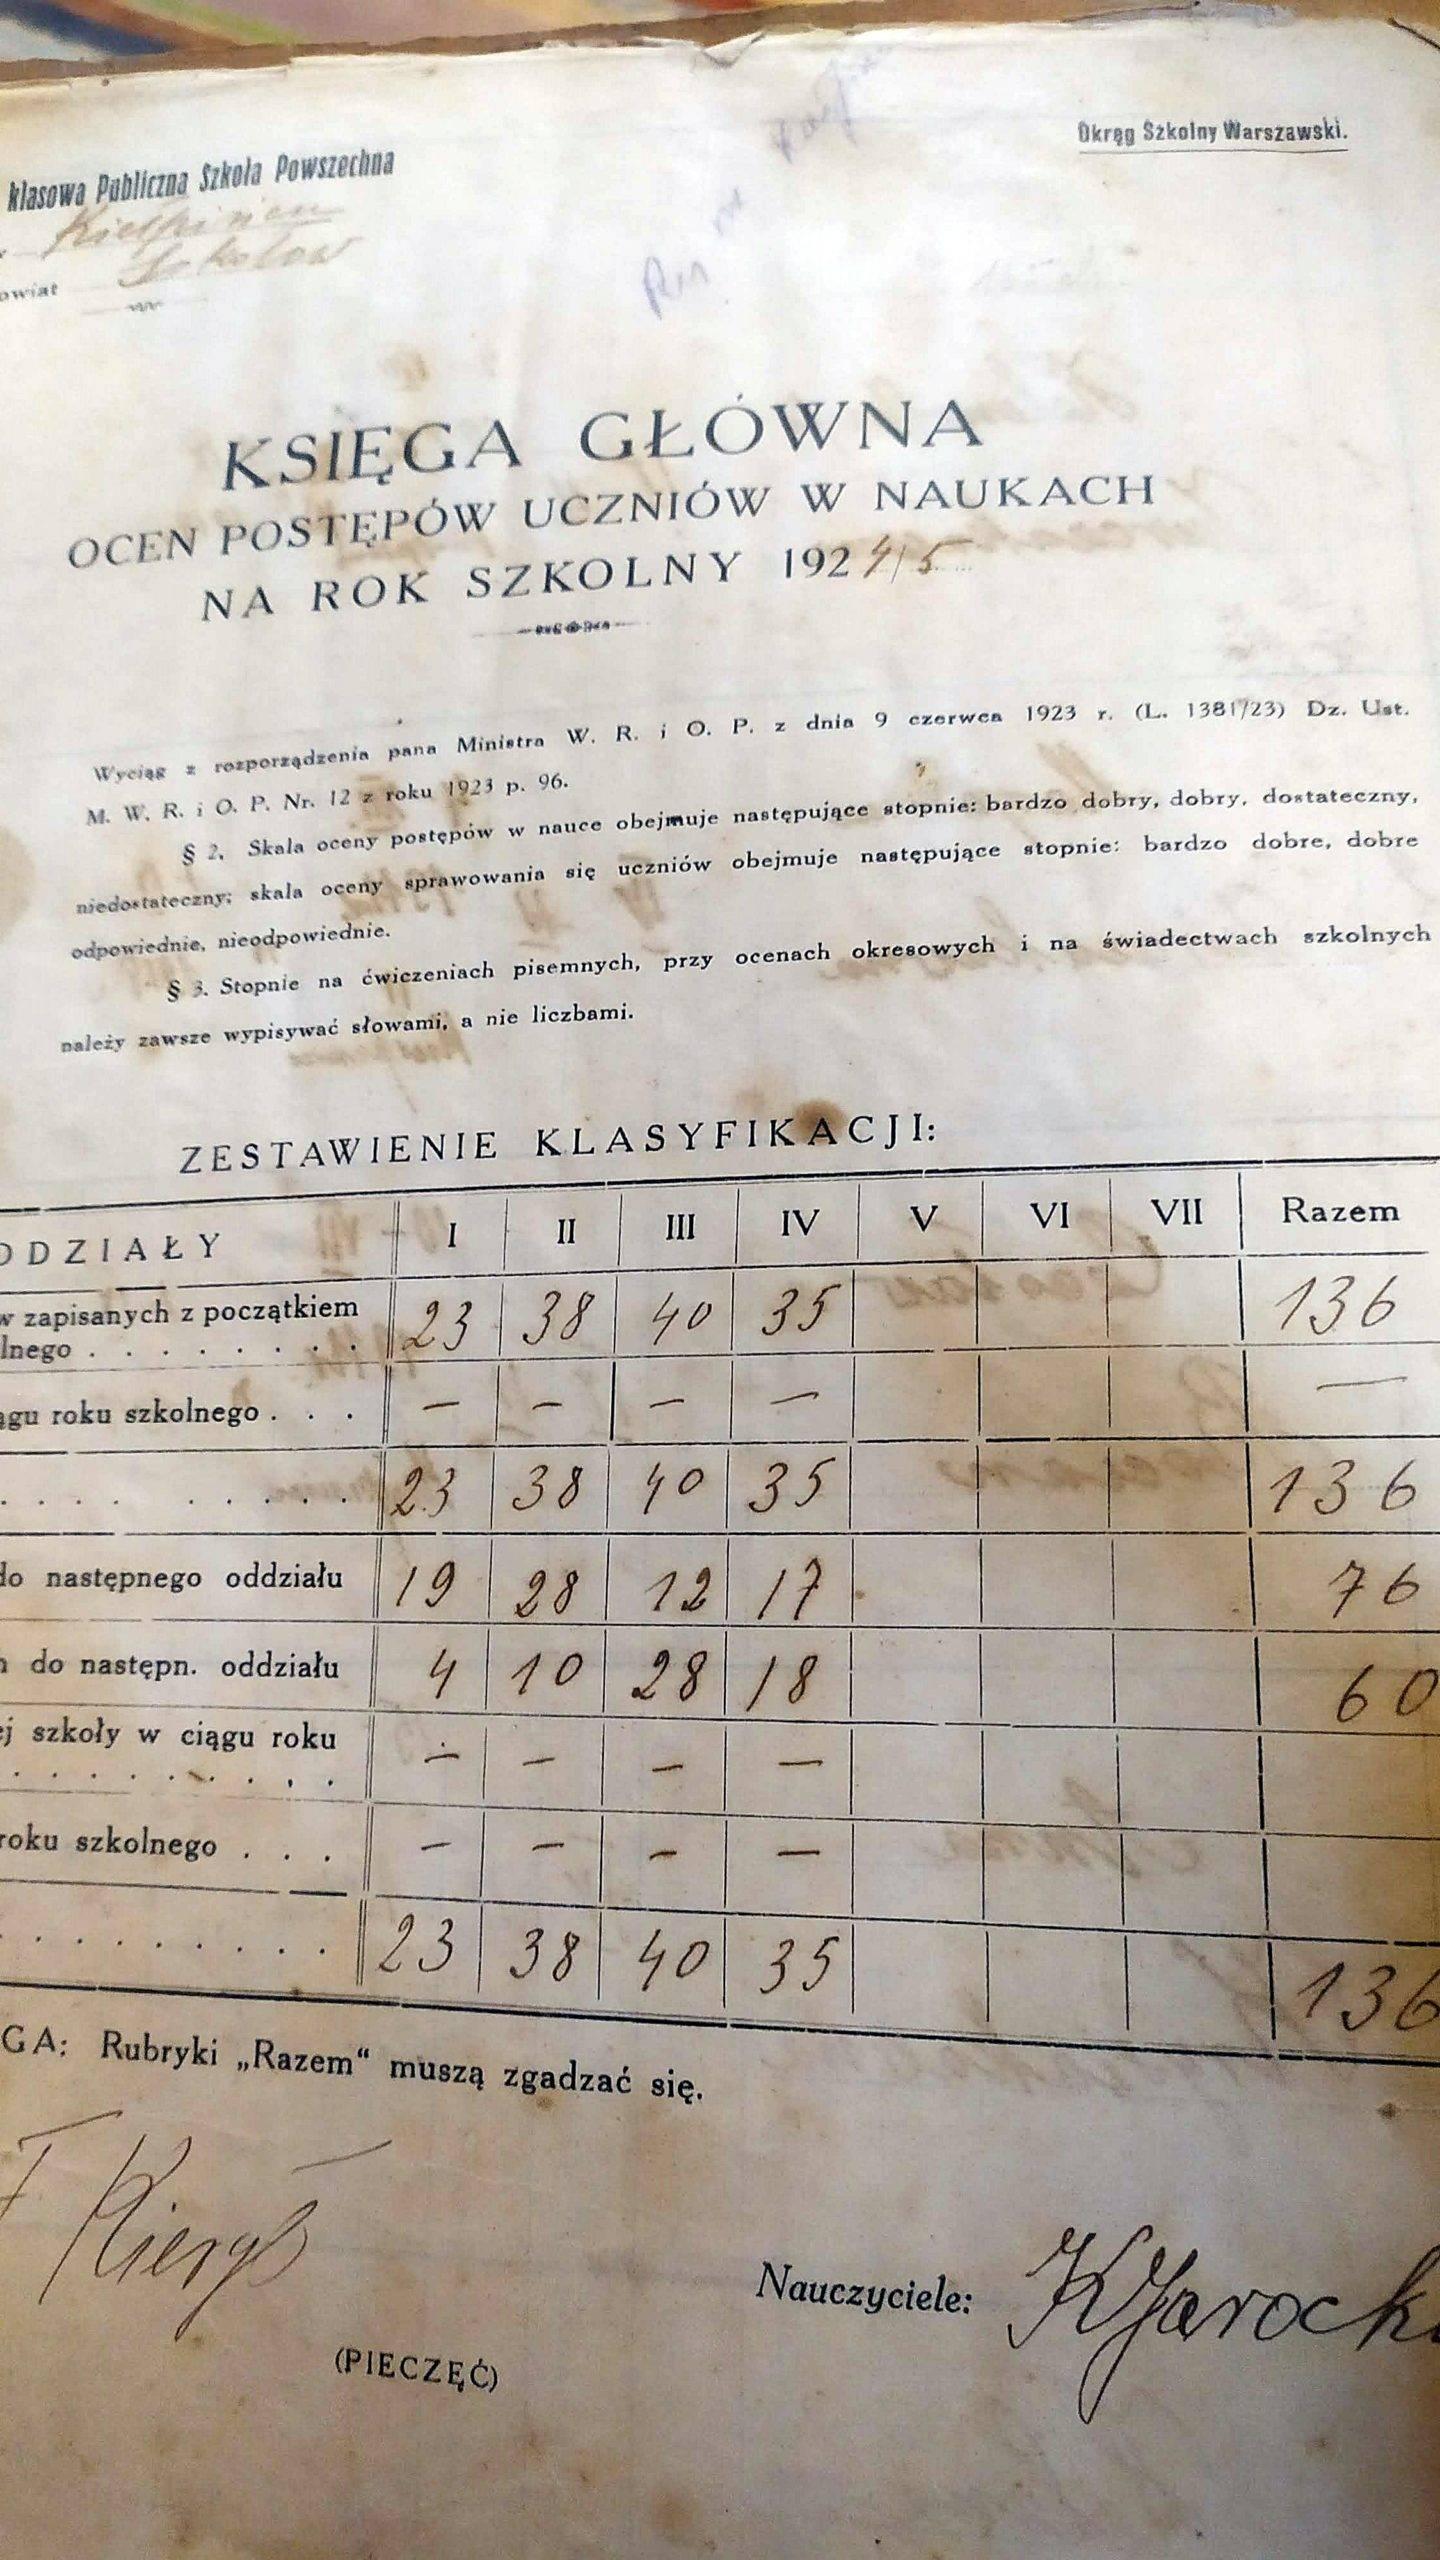 dziennik szkolny z lat 1924/25